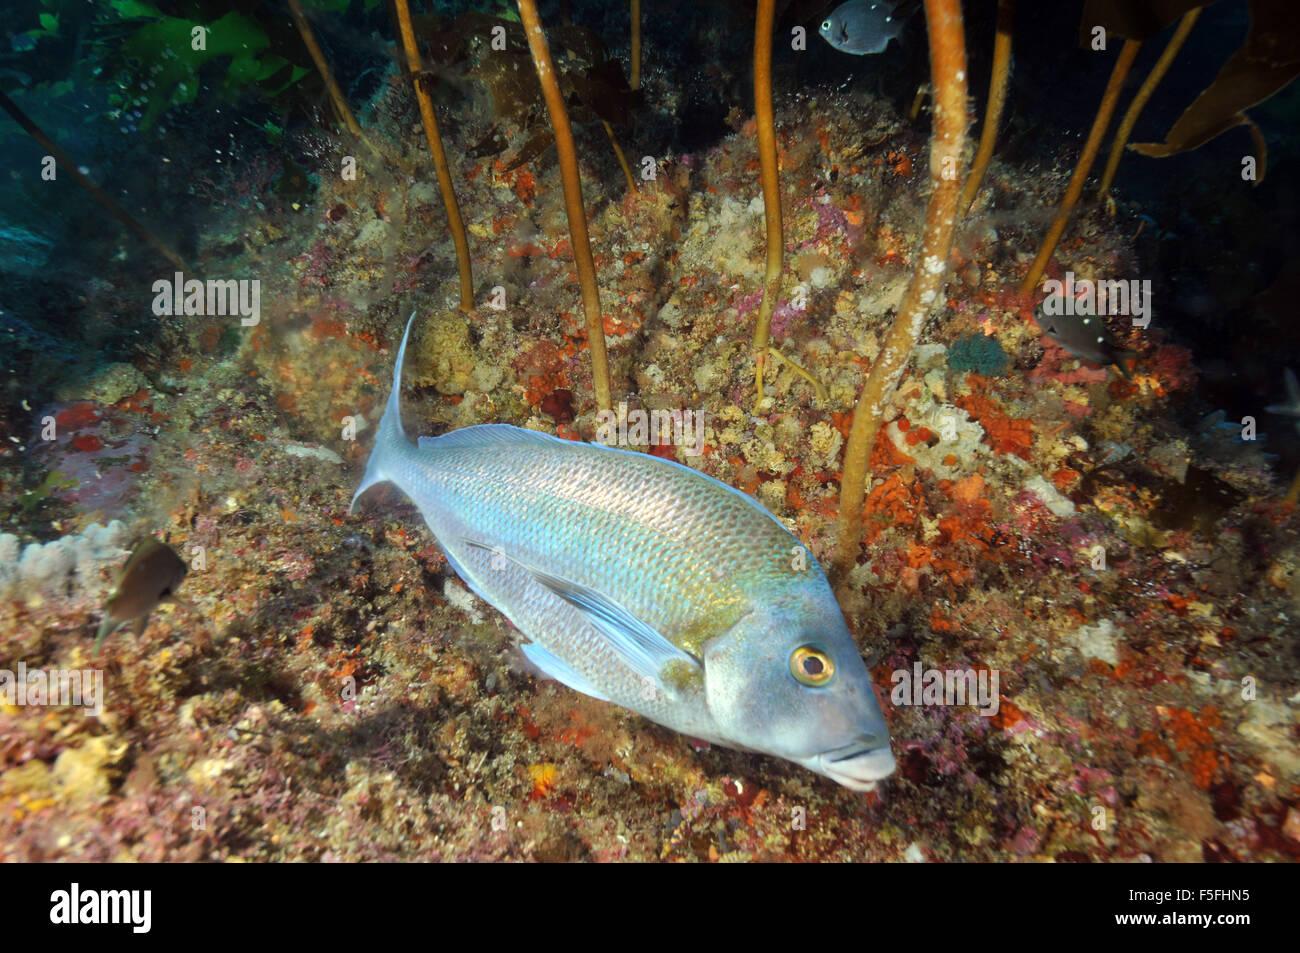 Blue morwong or porae fish, Nemadactylus douglasii, swims by